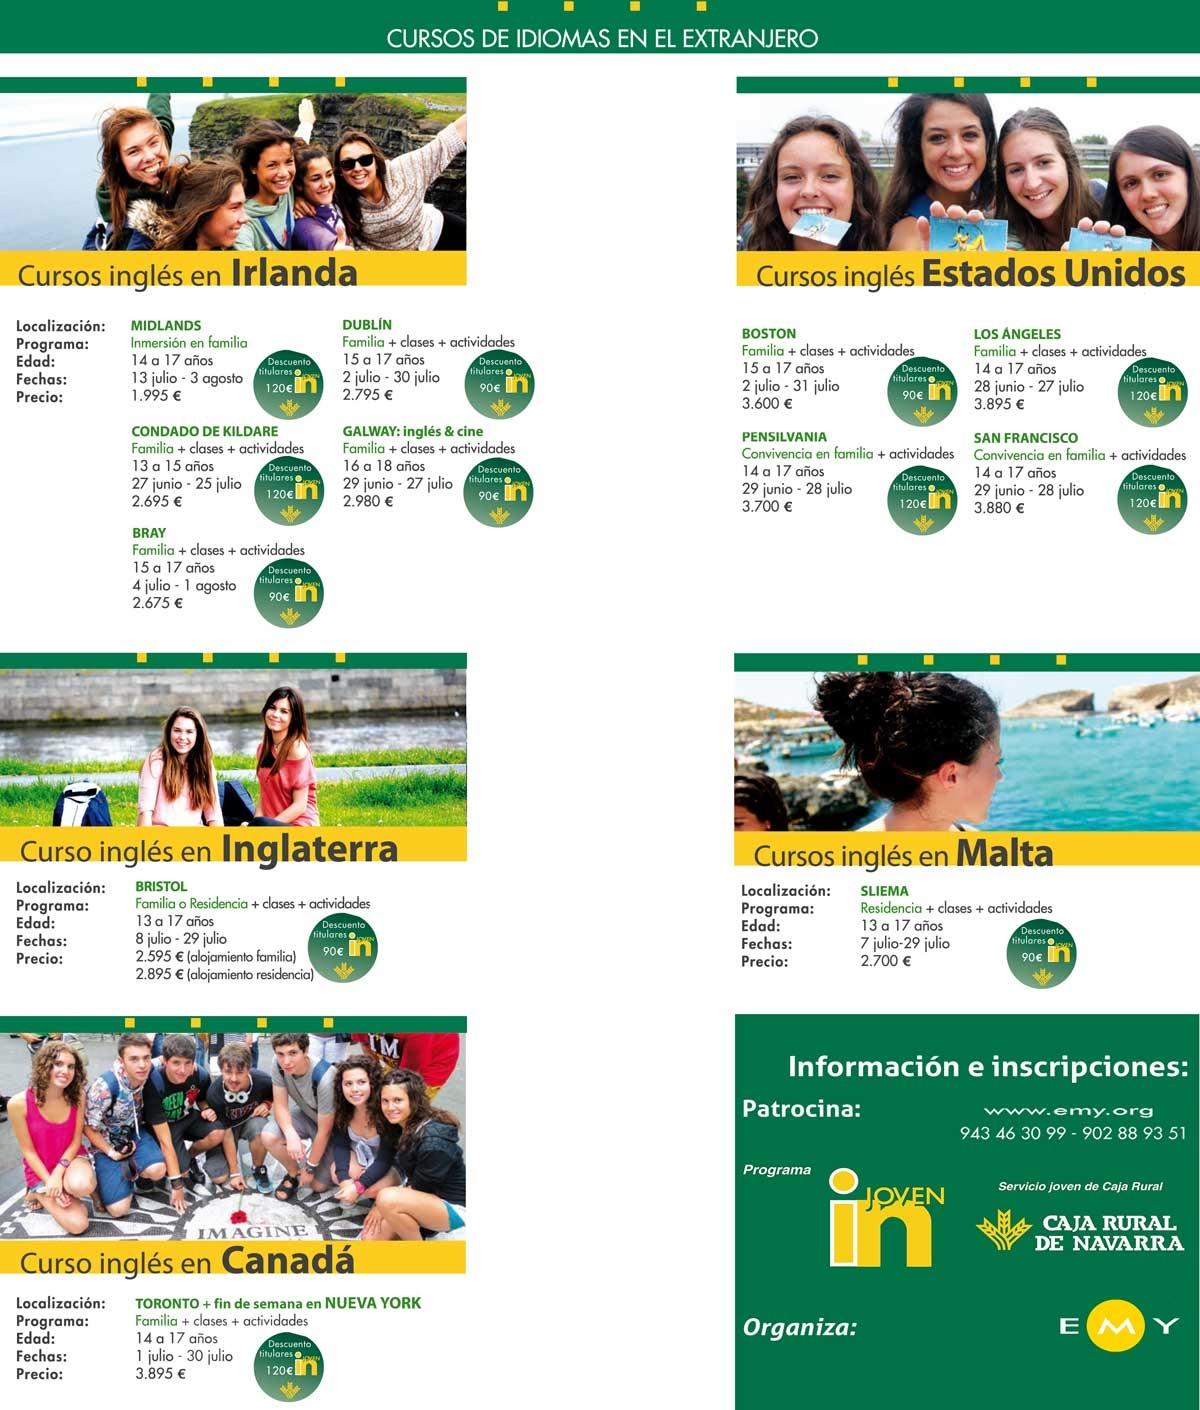 Joven in caja rural de navarra cursos de idiomas en el for Caja rural de navarra oficinas